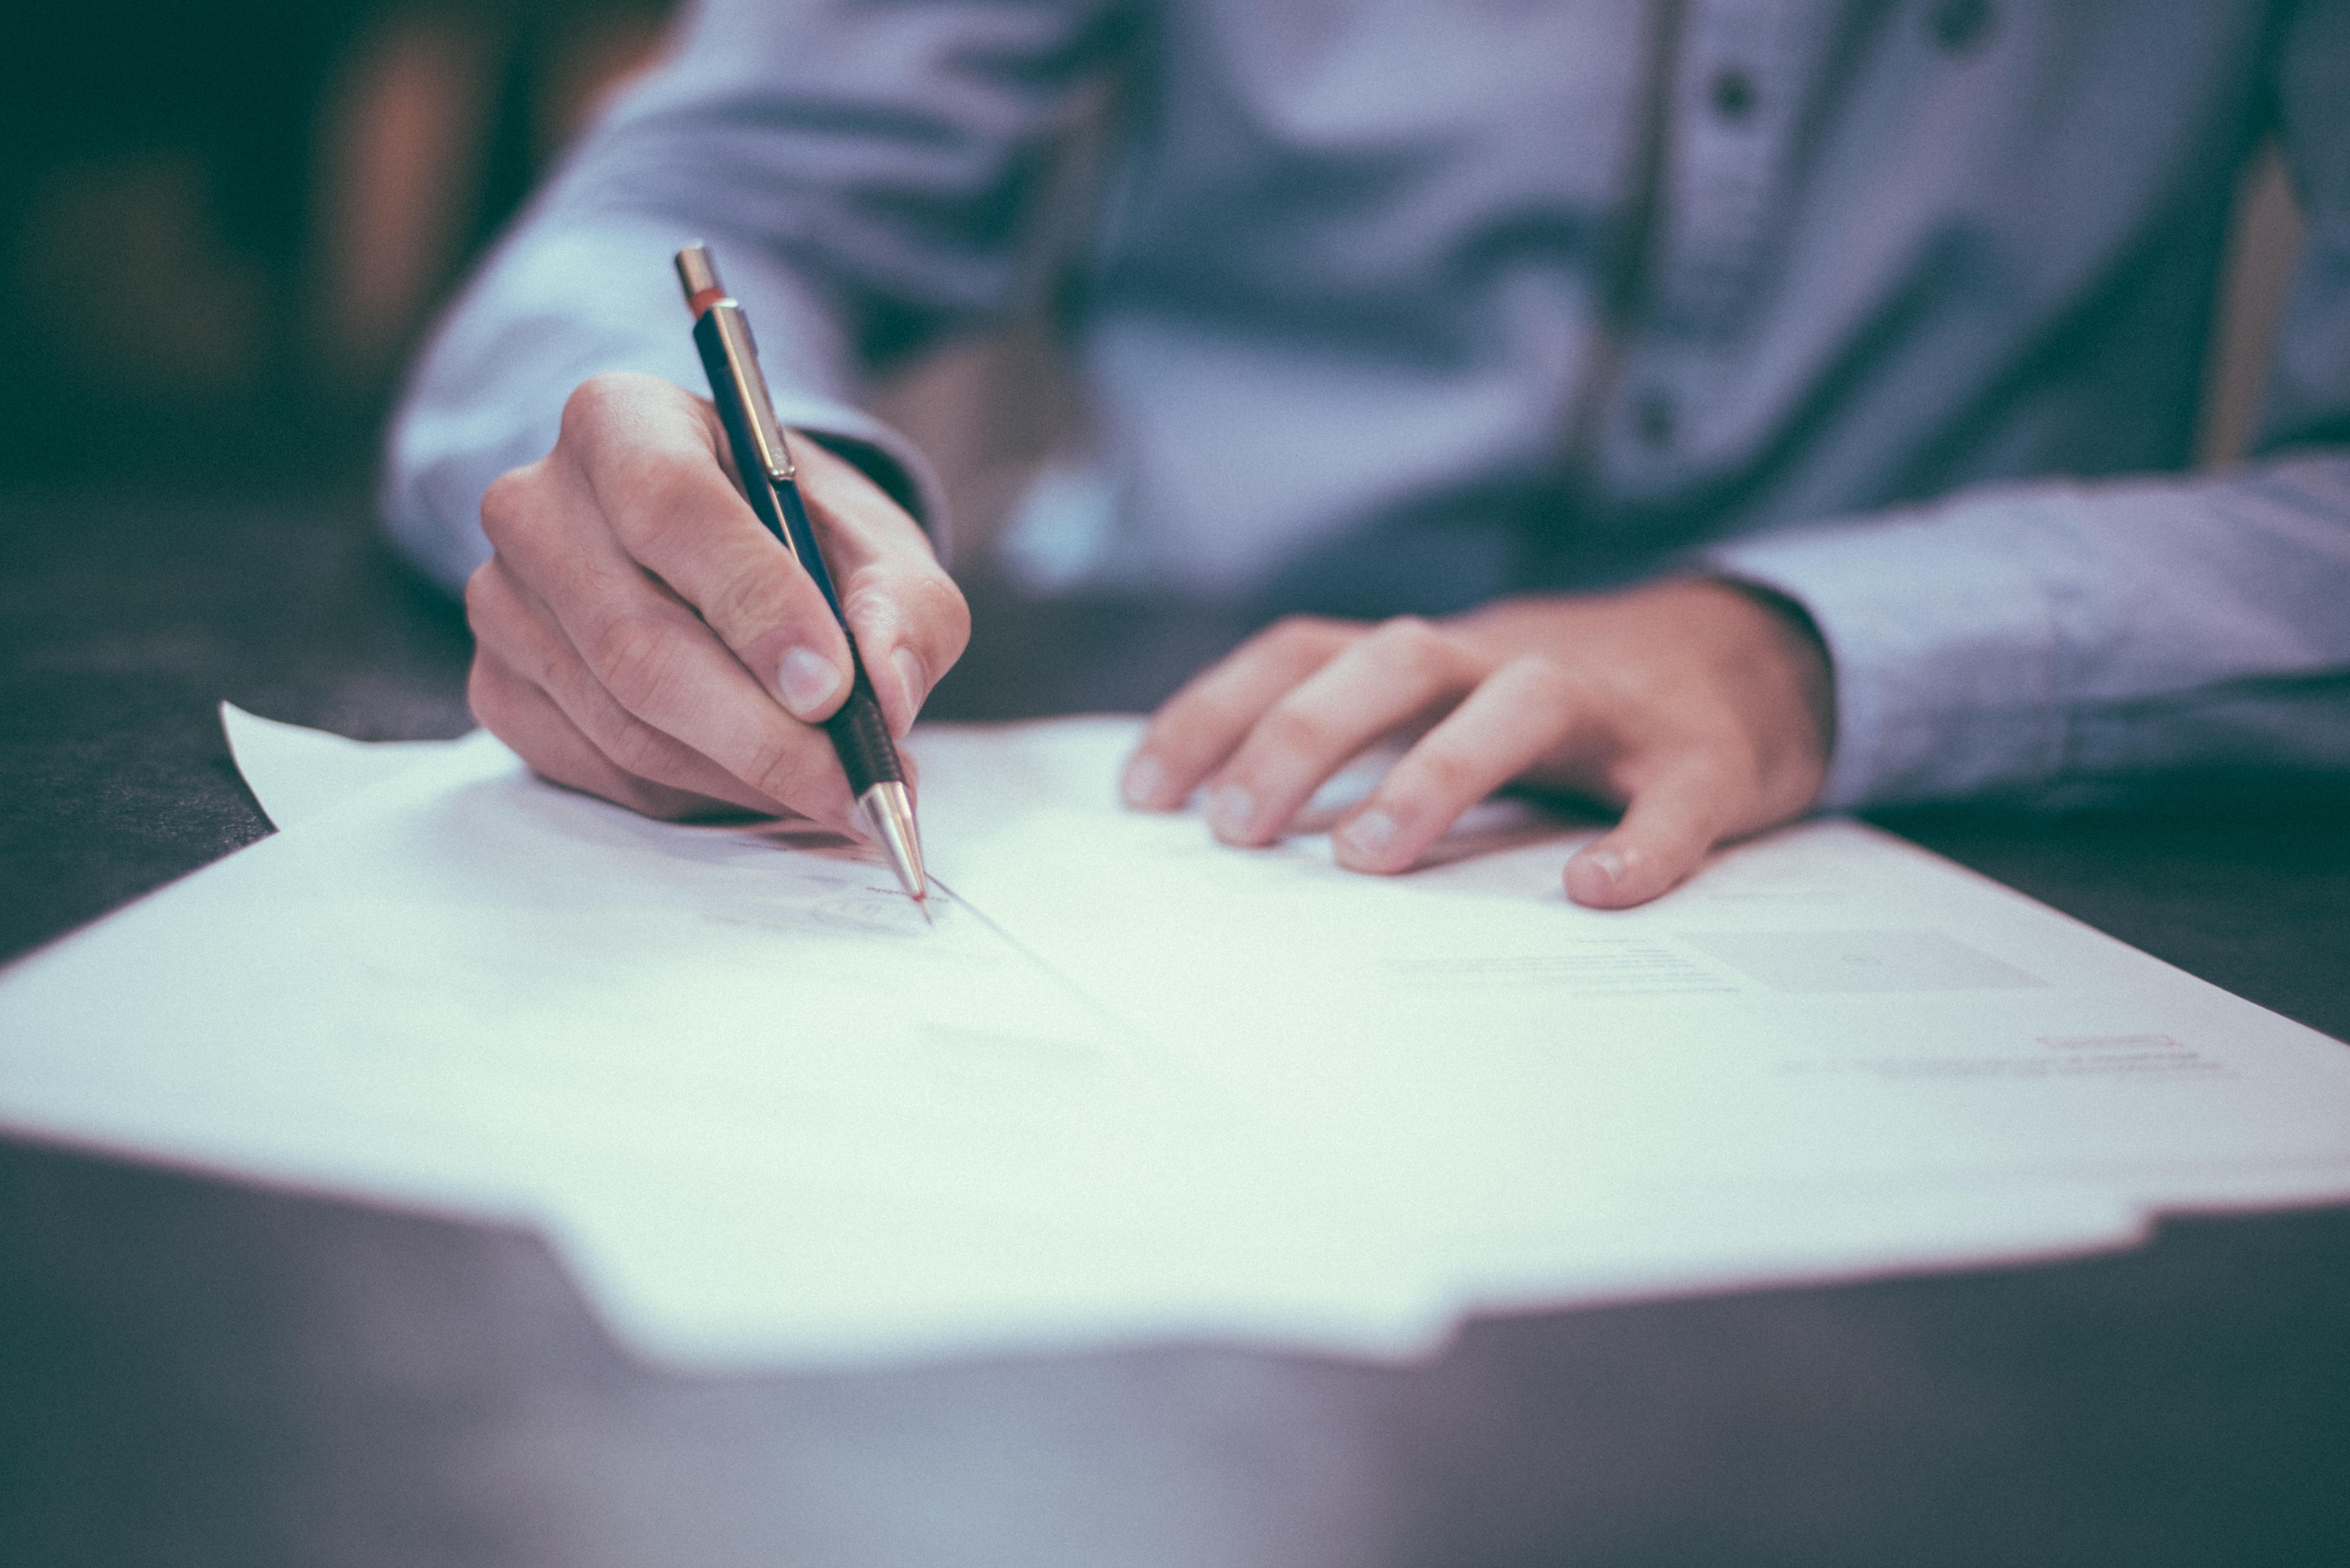 юридические услуги - Перечень юридических услуг